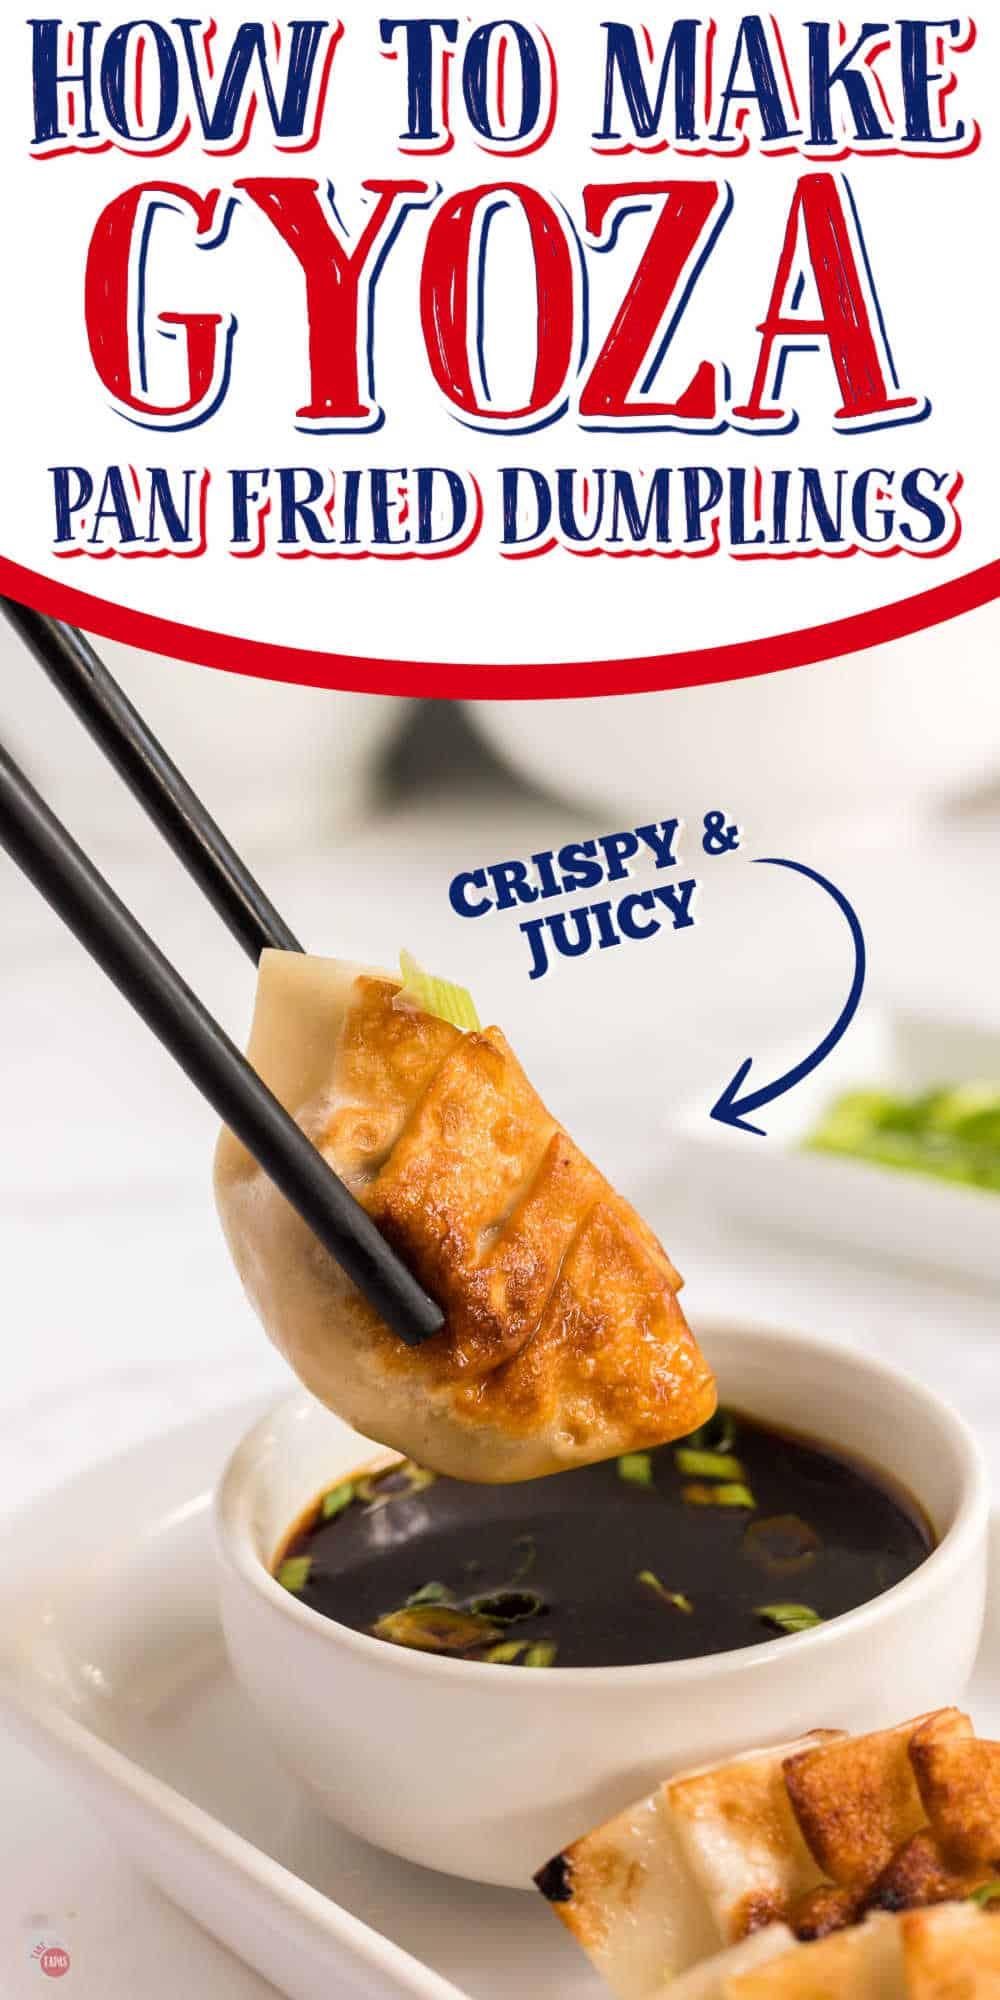 chopsticks holding dumpling